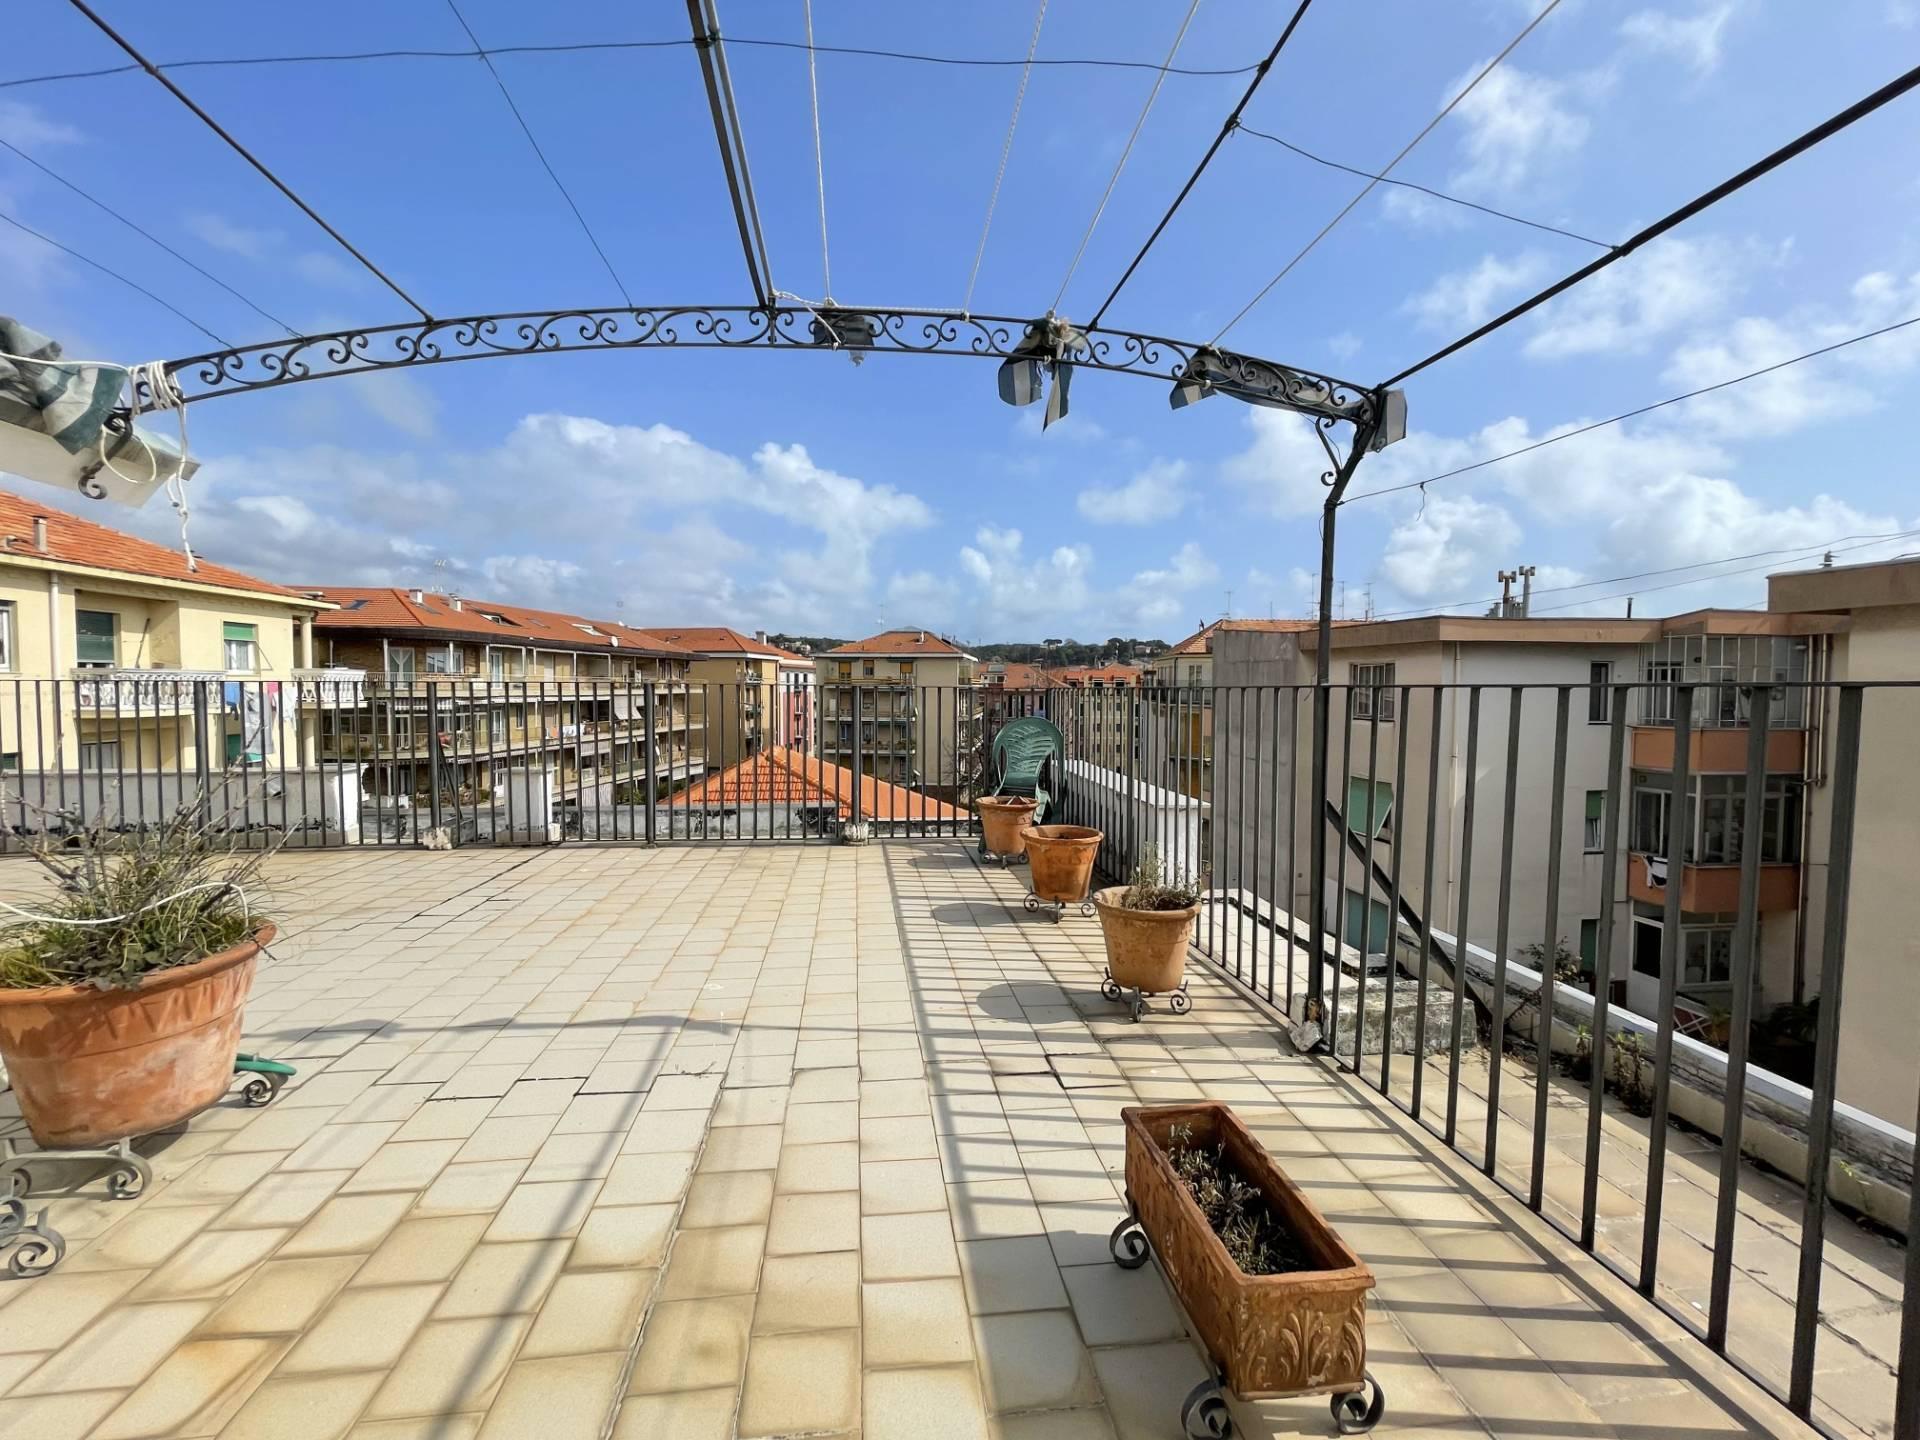 Appartamento in vendita a Albisola Superiore, 5 locali, zona Località: AlbisolaCapo, prezzo € 390.000 | PortaleAgenzieImmobiliari.it